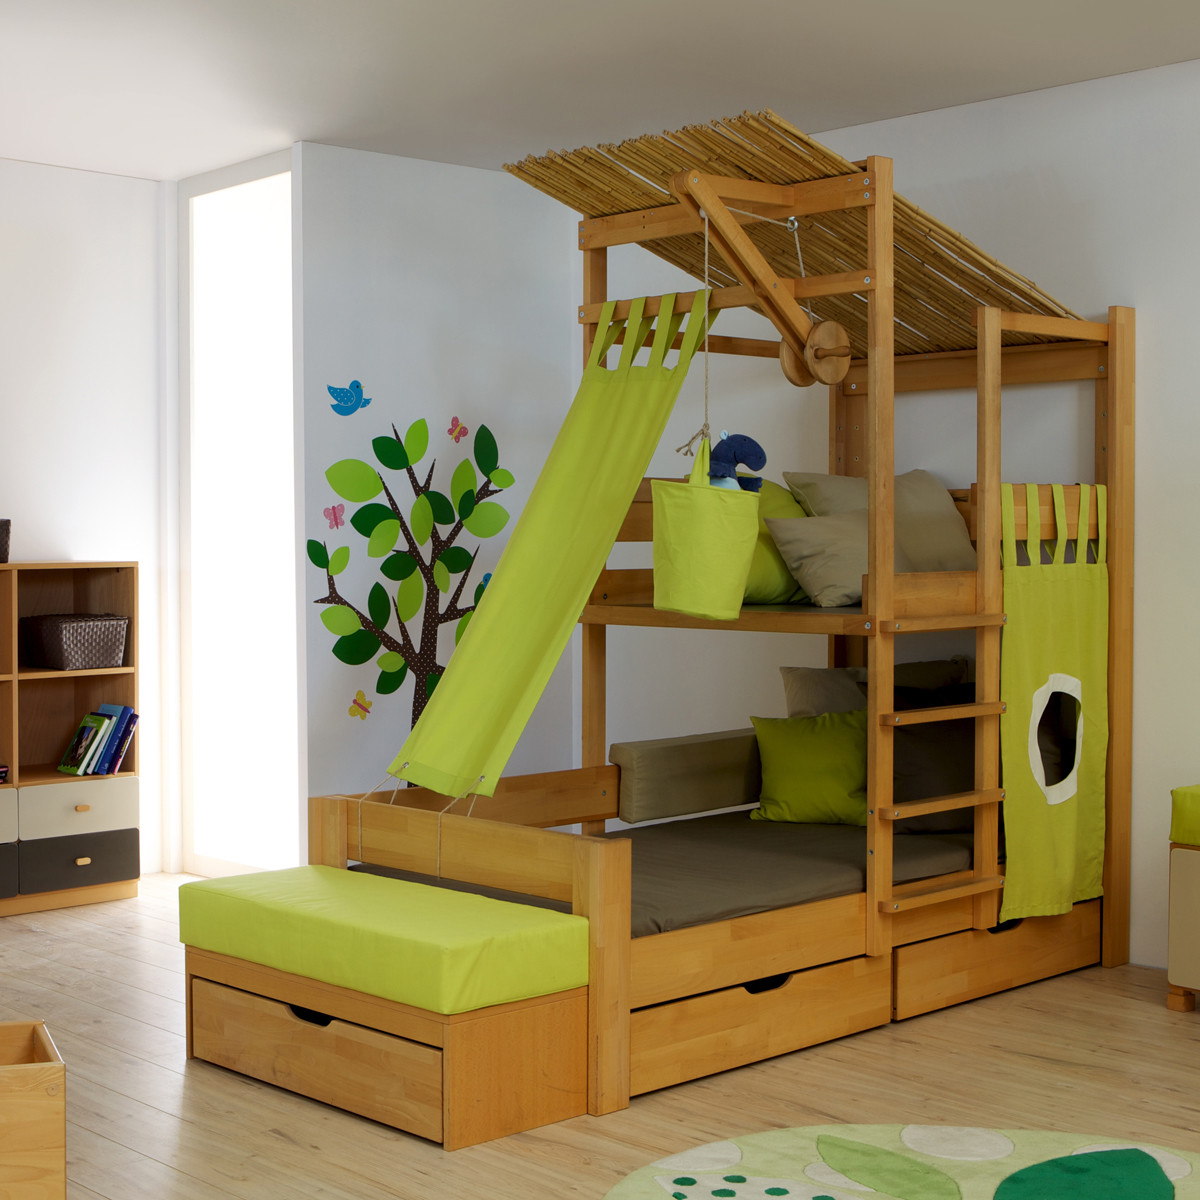 Kinderbett baumhaus  debe.destyle Baumhaus-Bett von De Breuyn im Shop